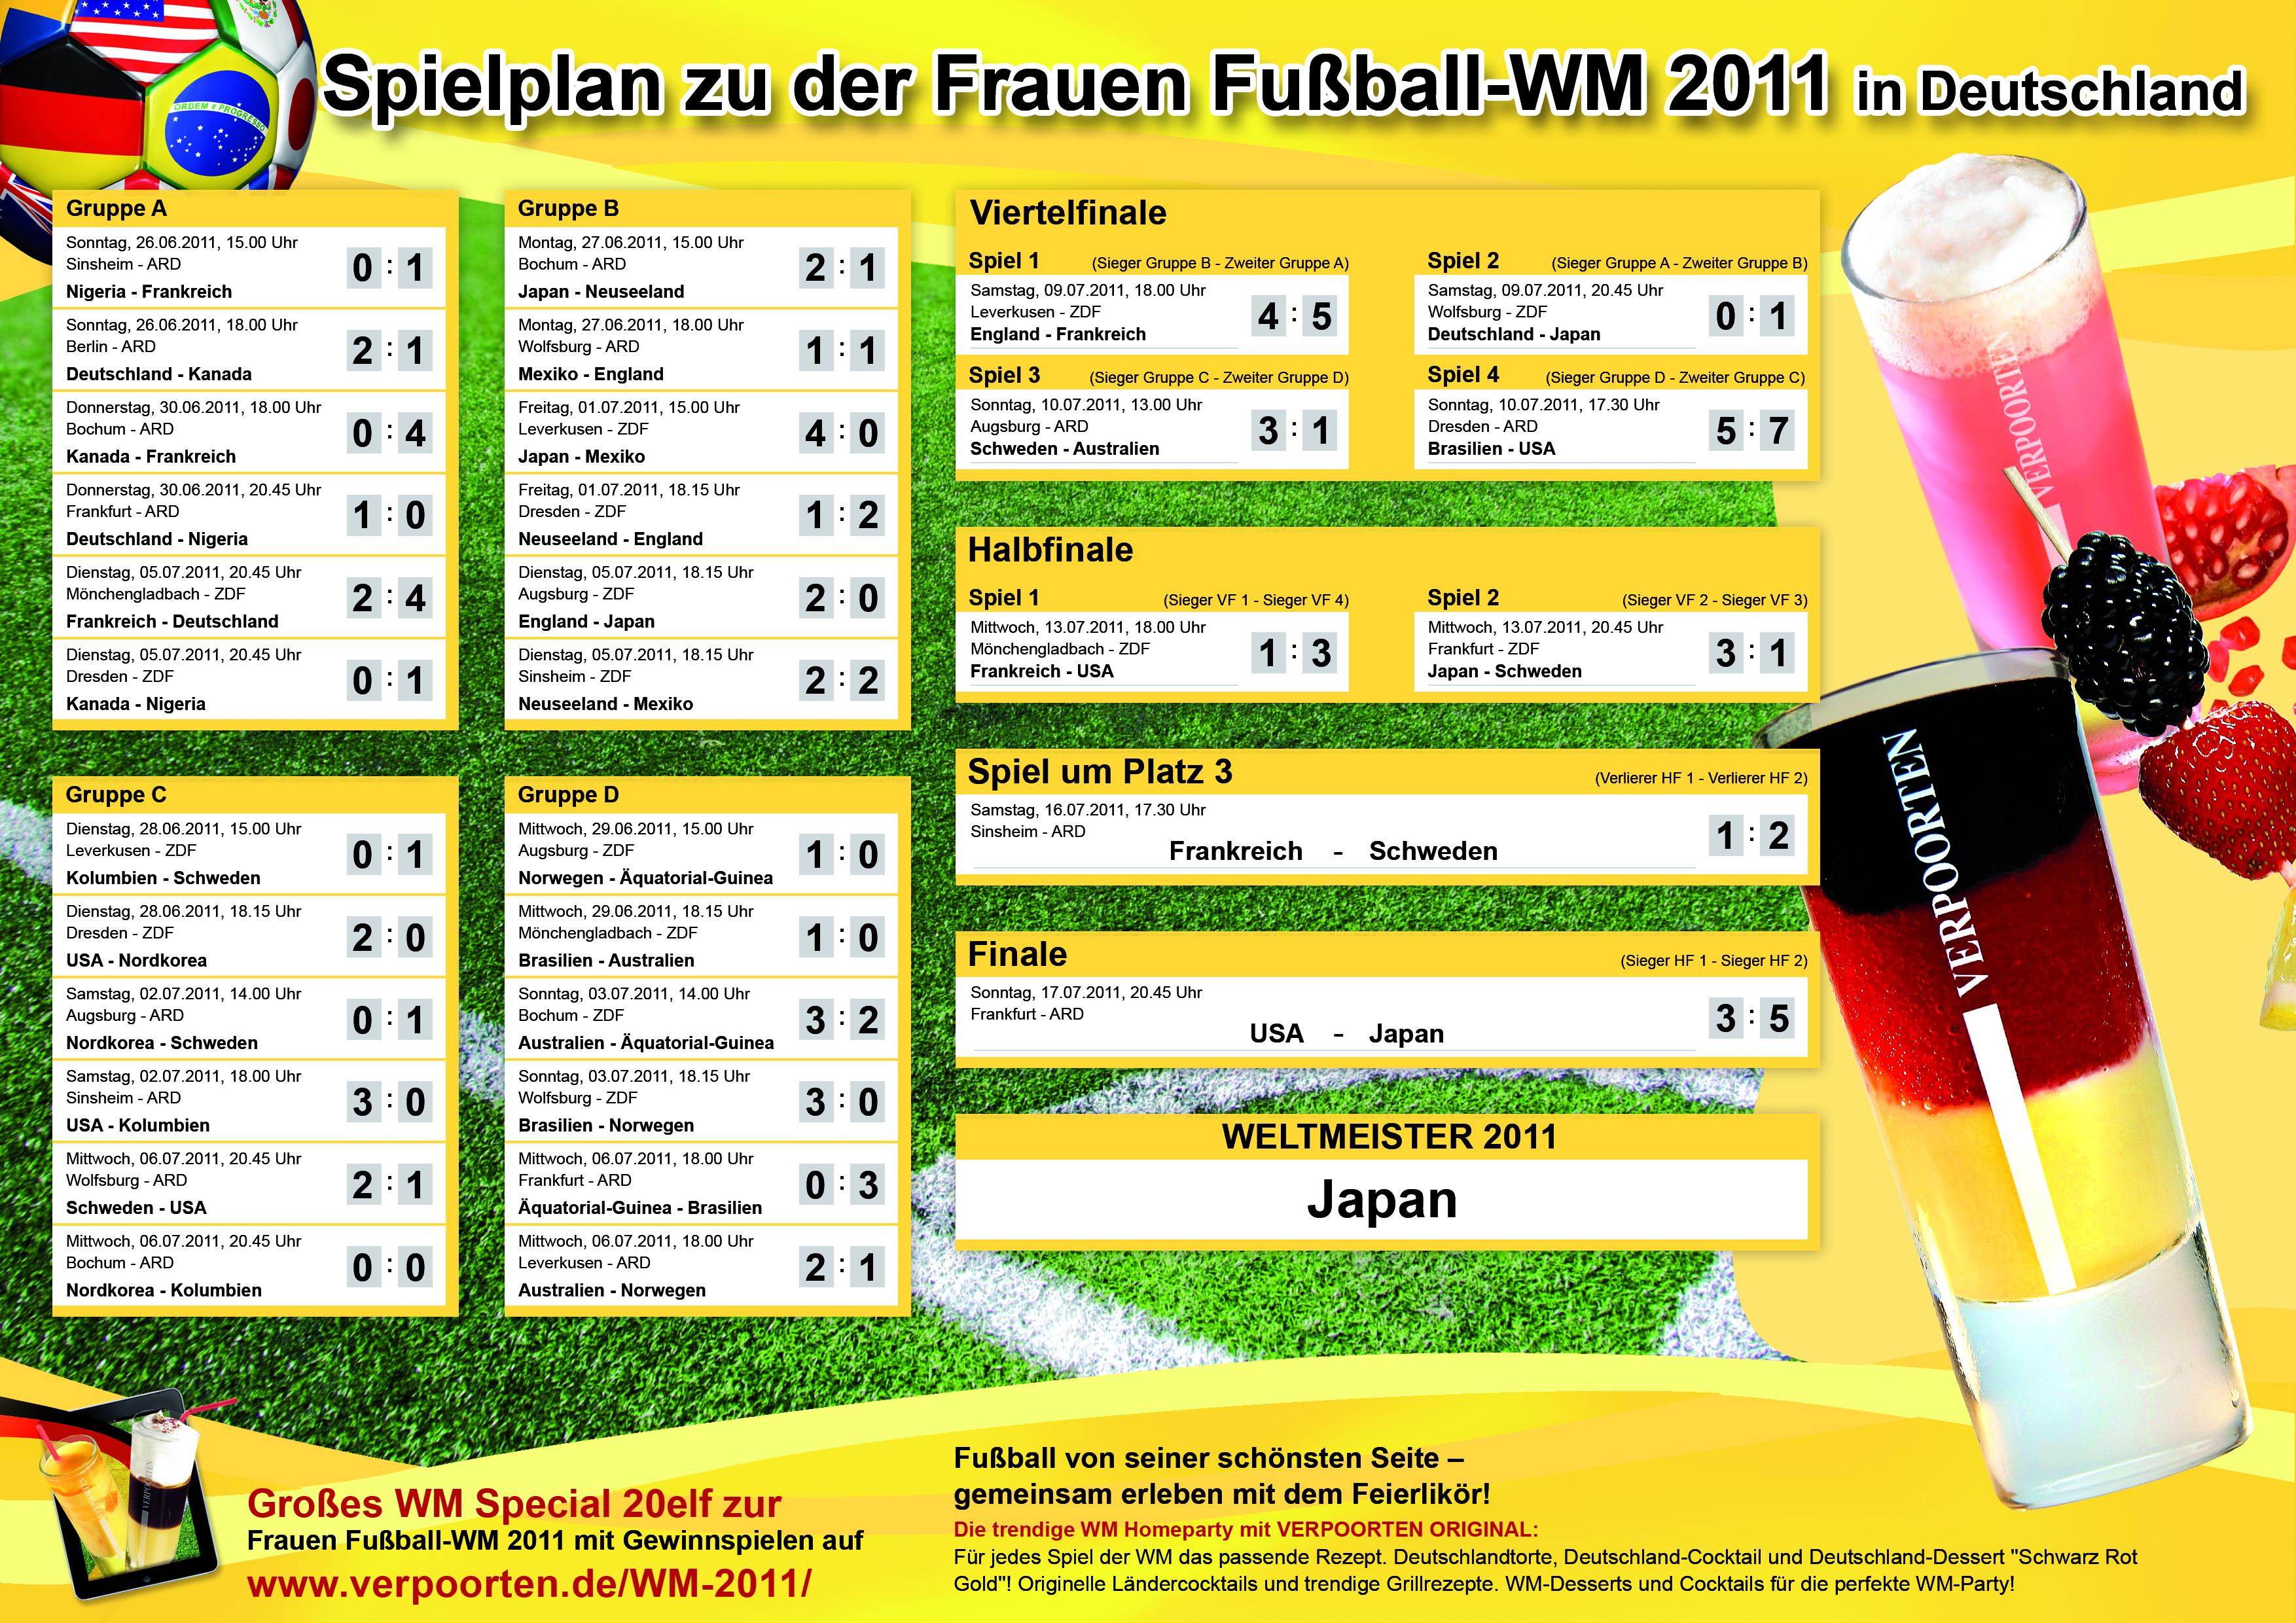 Fussball Frauen Wm Spielplan